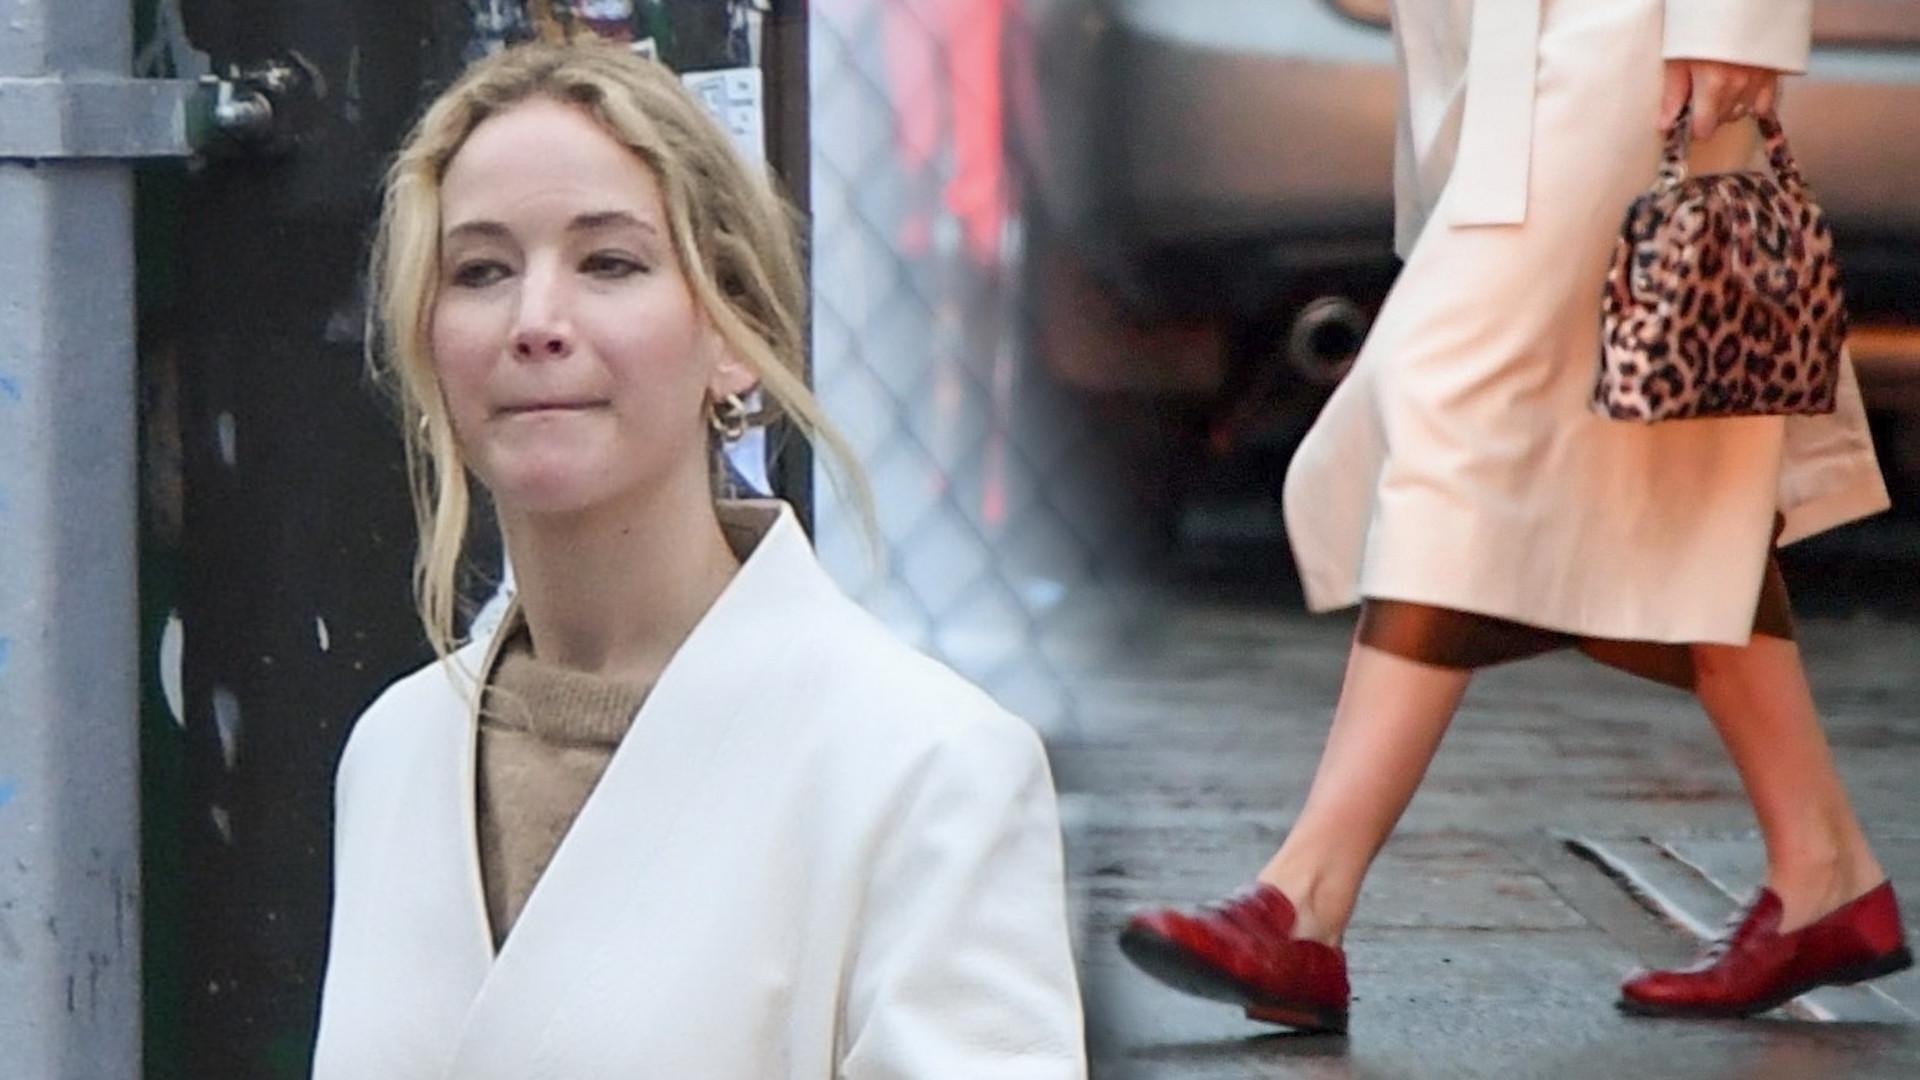 Świeżo upieczona żona – Jennifer Lawrence na zakupach z mężem. Pokazała obrączkę (ZDJĘCIA)